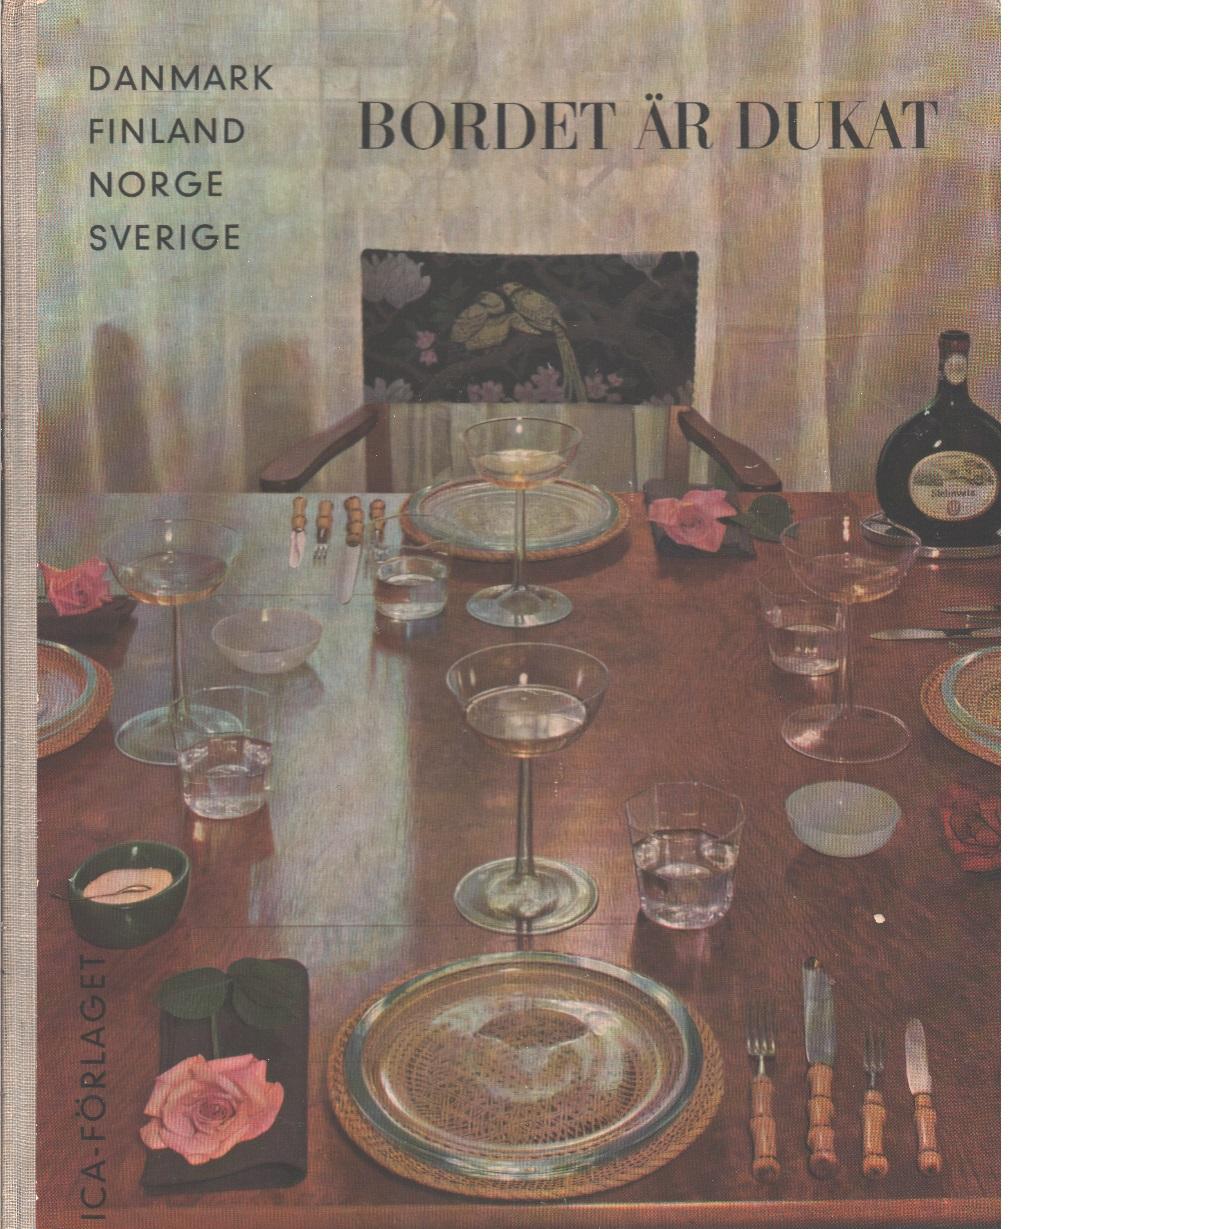 Bordet är dukat : från danmark, finland, norge, sverige - White, Ingeborg